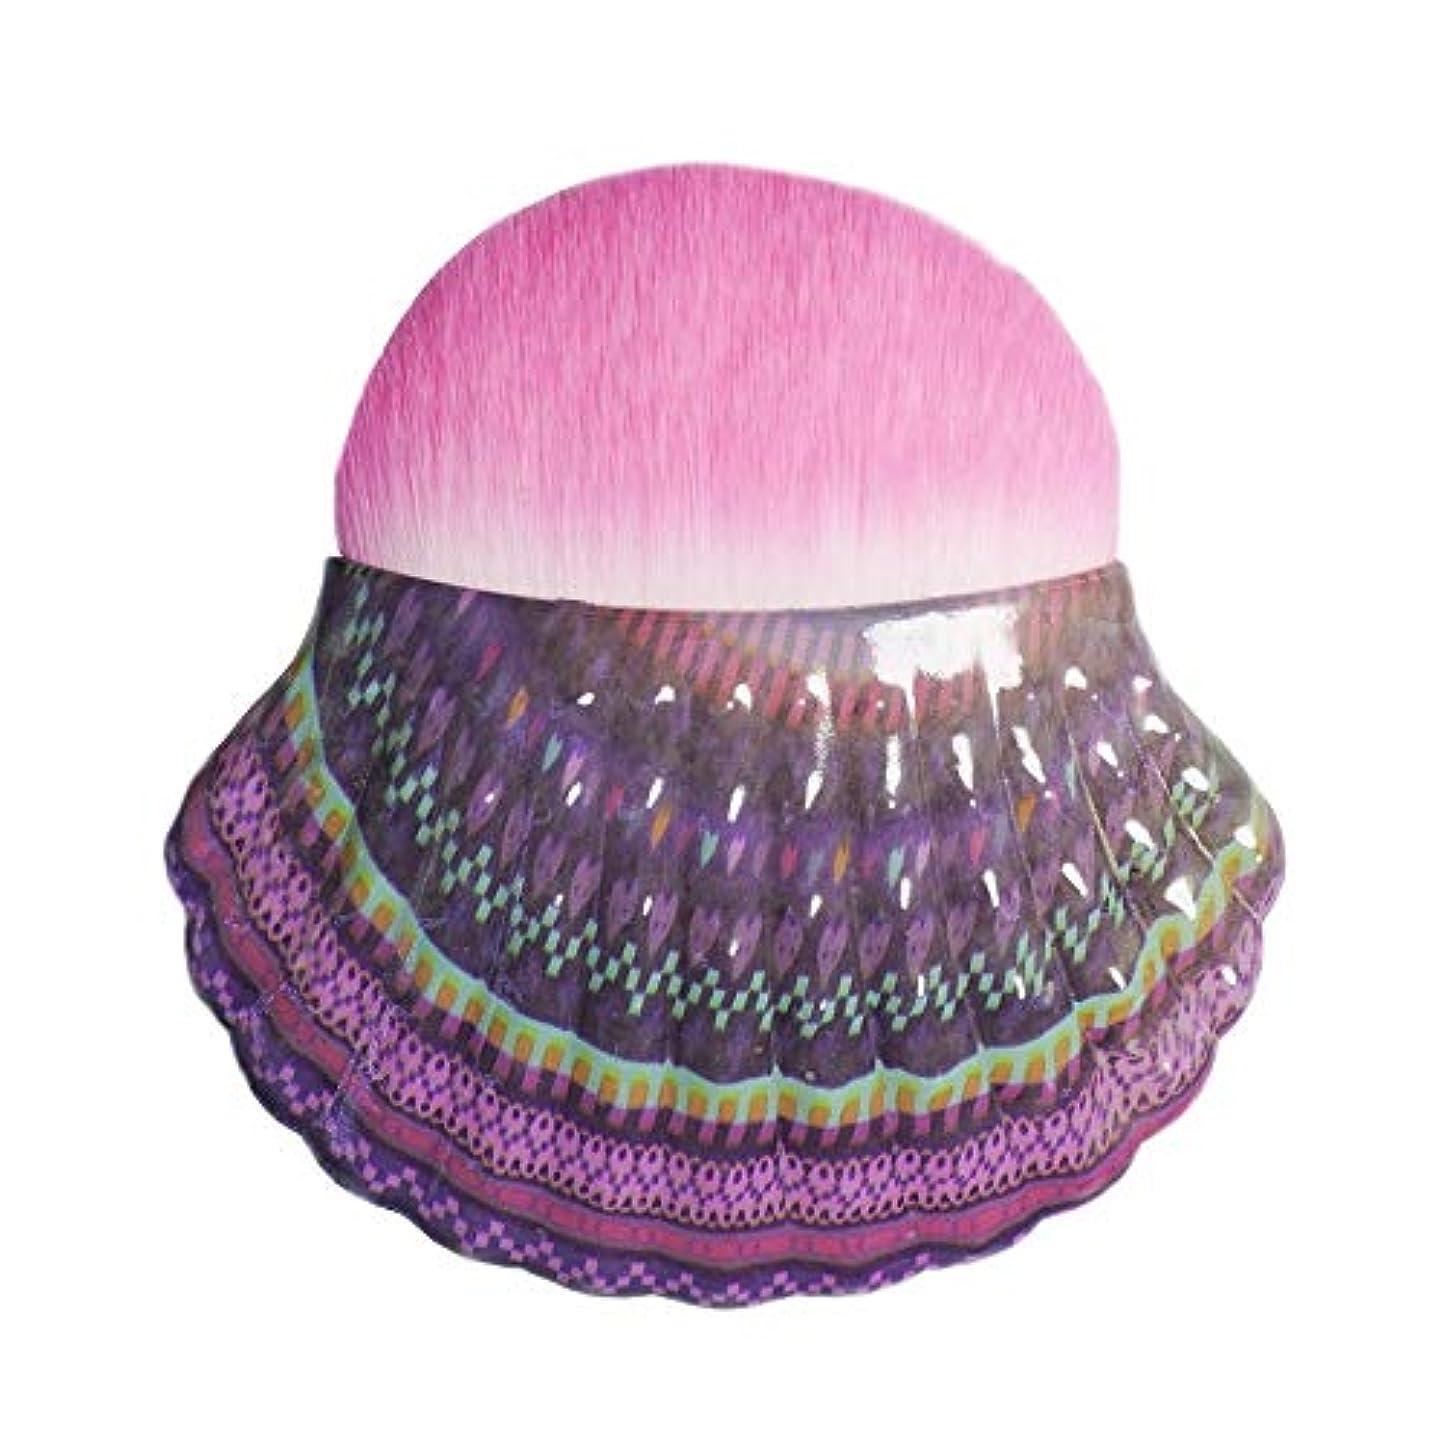 アリ労苦ロマンチックMakeup brushes 化粧シングルシェル赤面ブラシ化粧ブラシツールポータブル多機能化粧ブラシ、ピンク suits (Color : Pink Gradient)